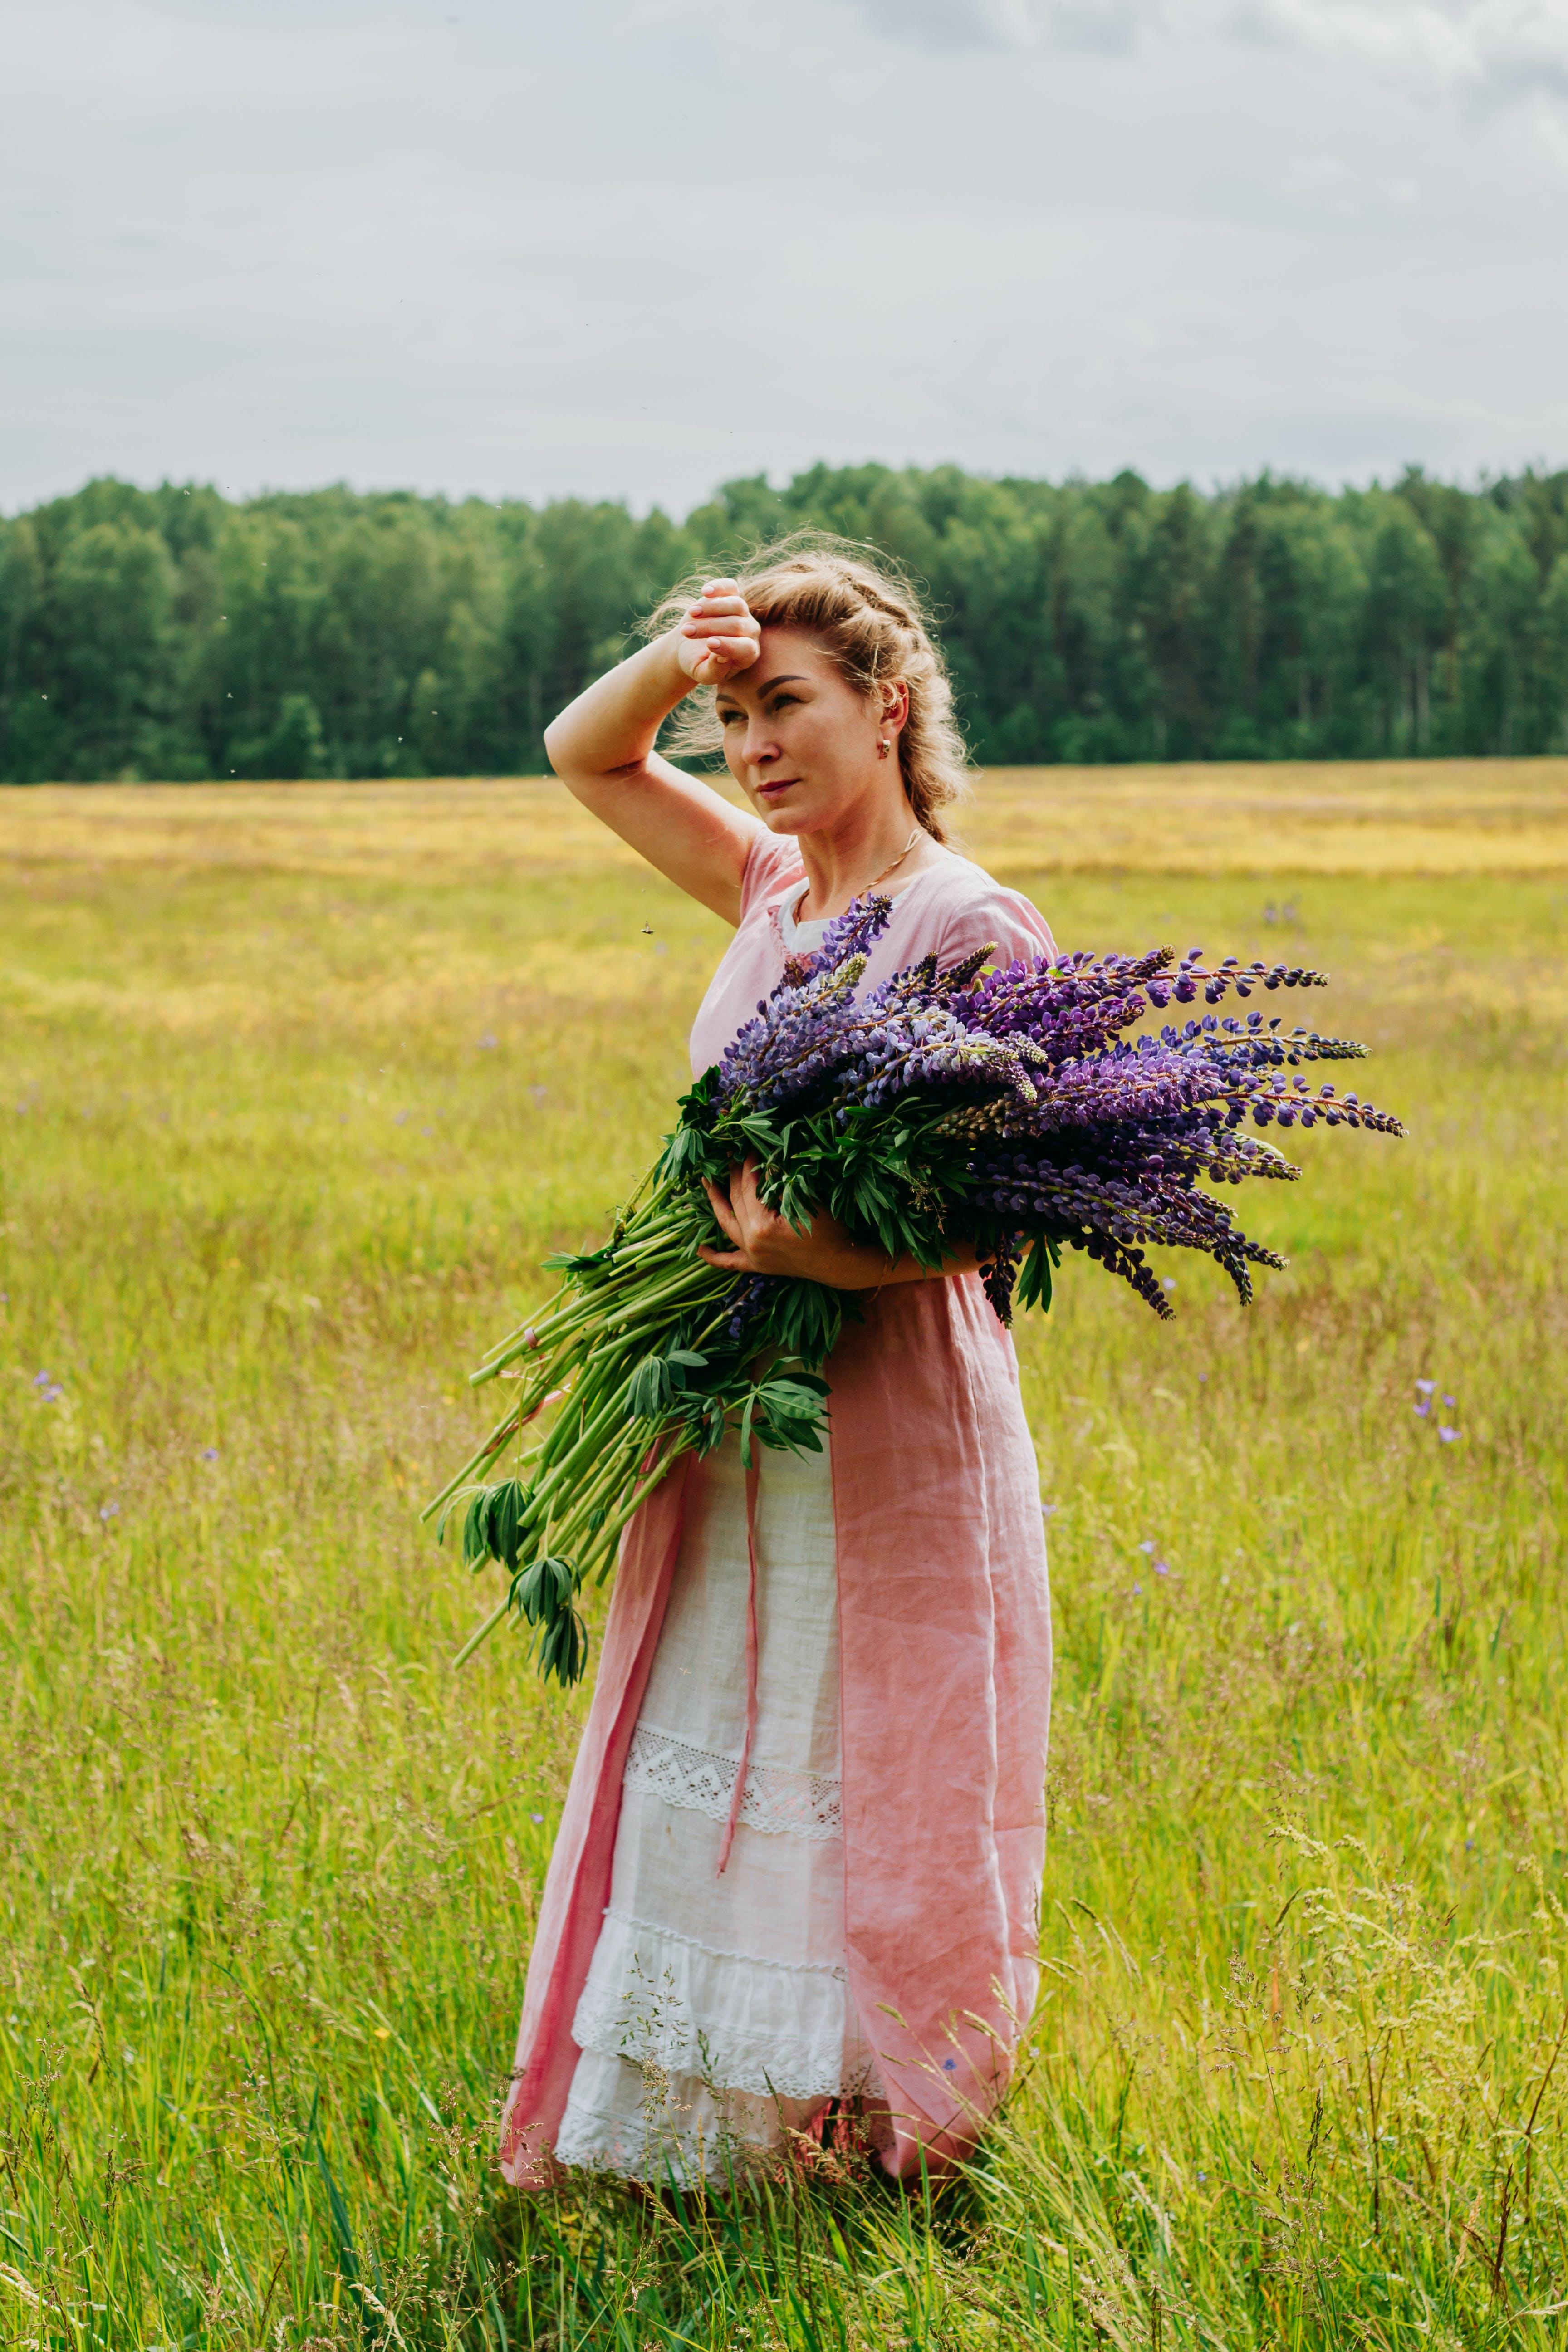 ドレス, フィールド, フラワーズ, フローラの無料の写真素材